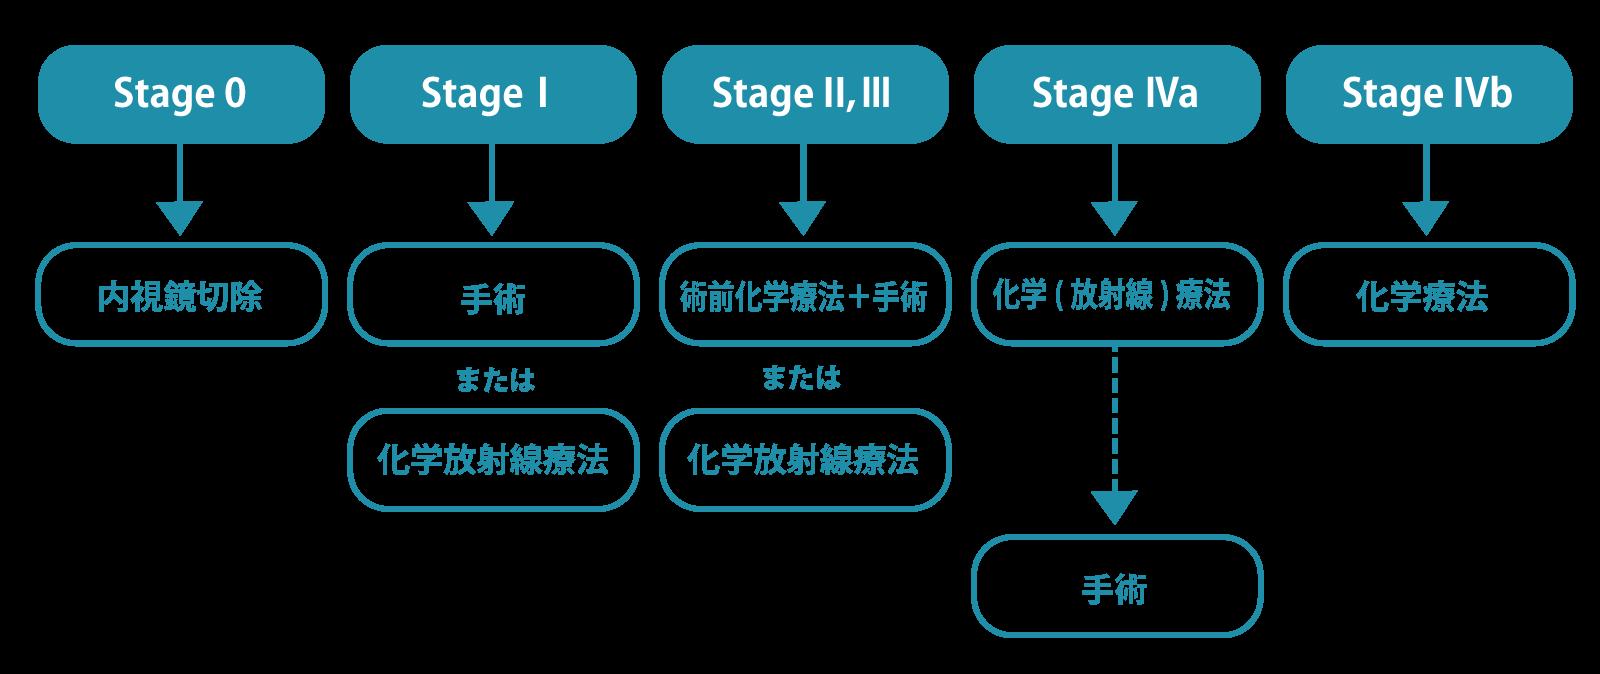 ステージごとの治療方針